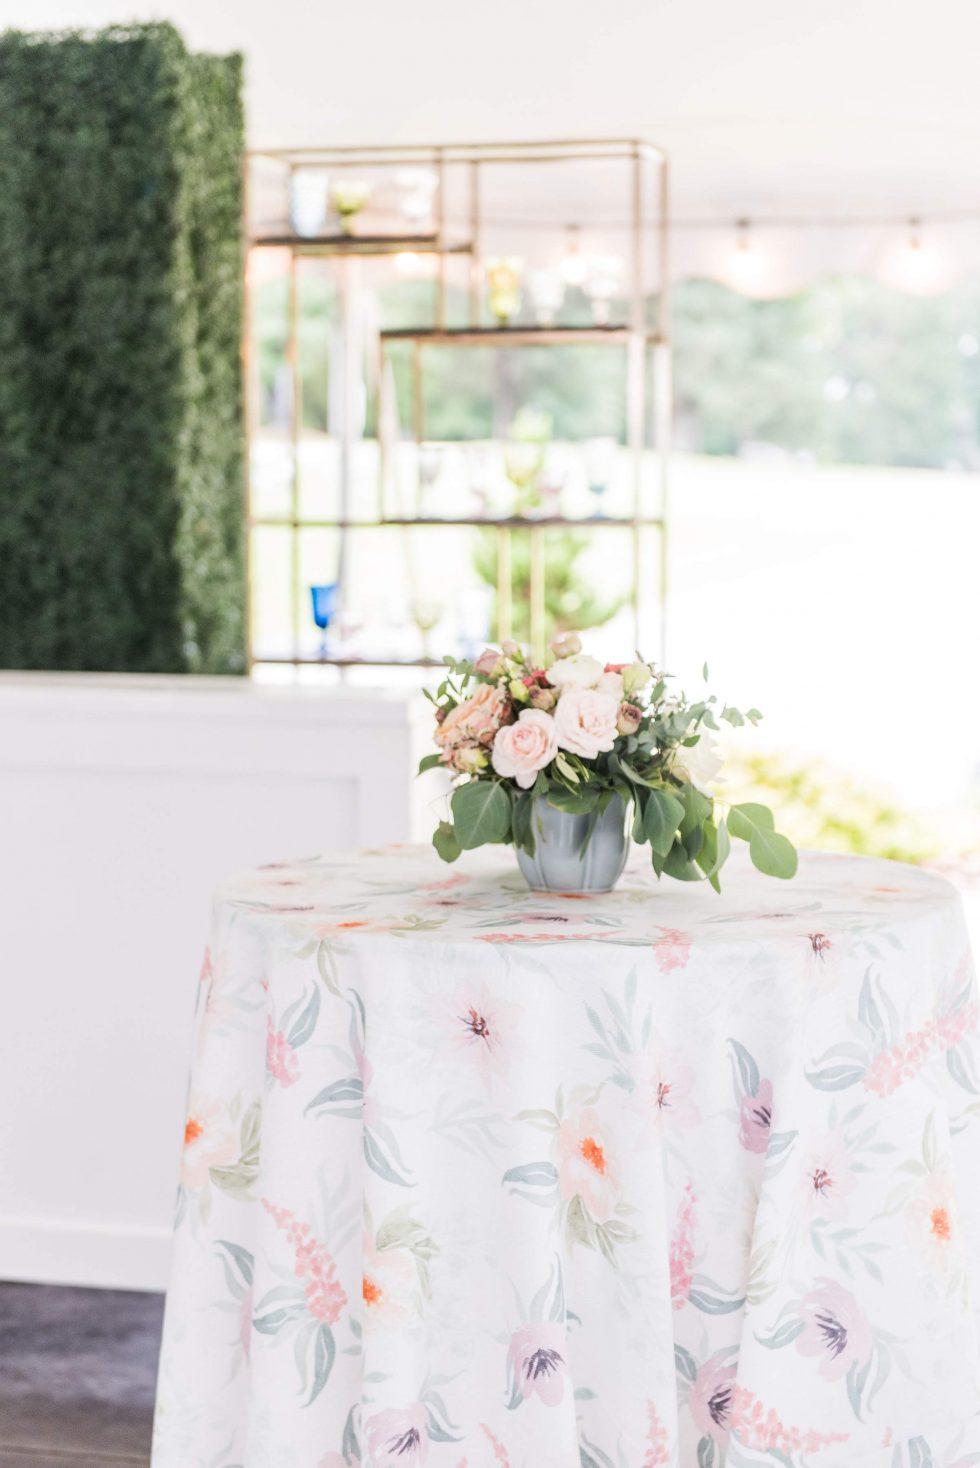 Summerfield-Farms-Spring-Wedding012